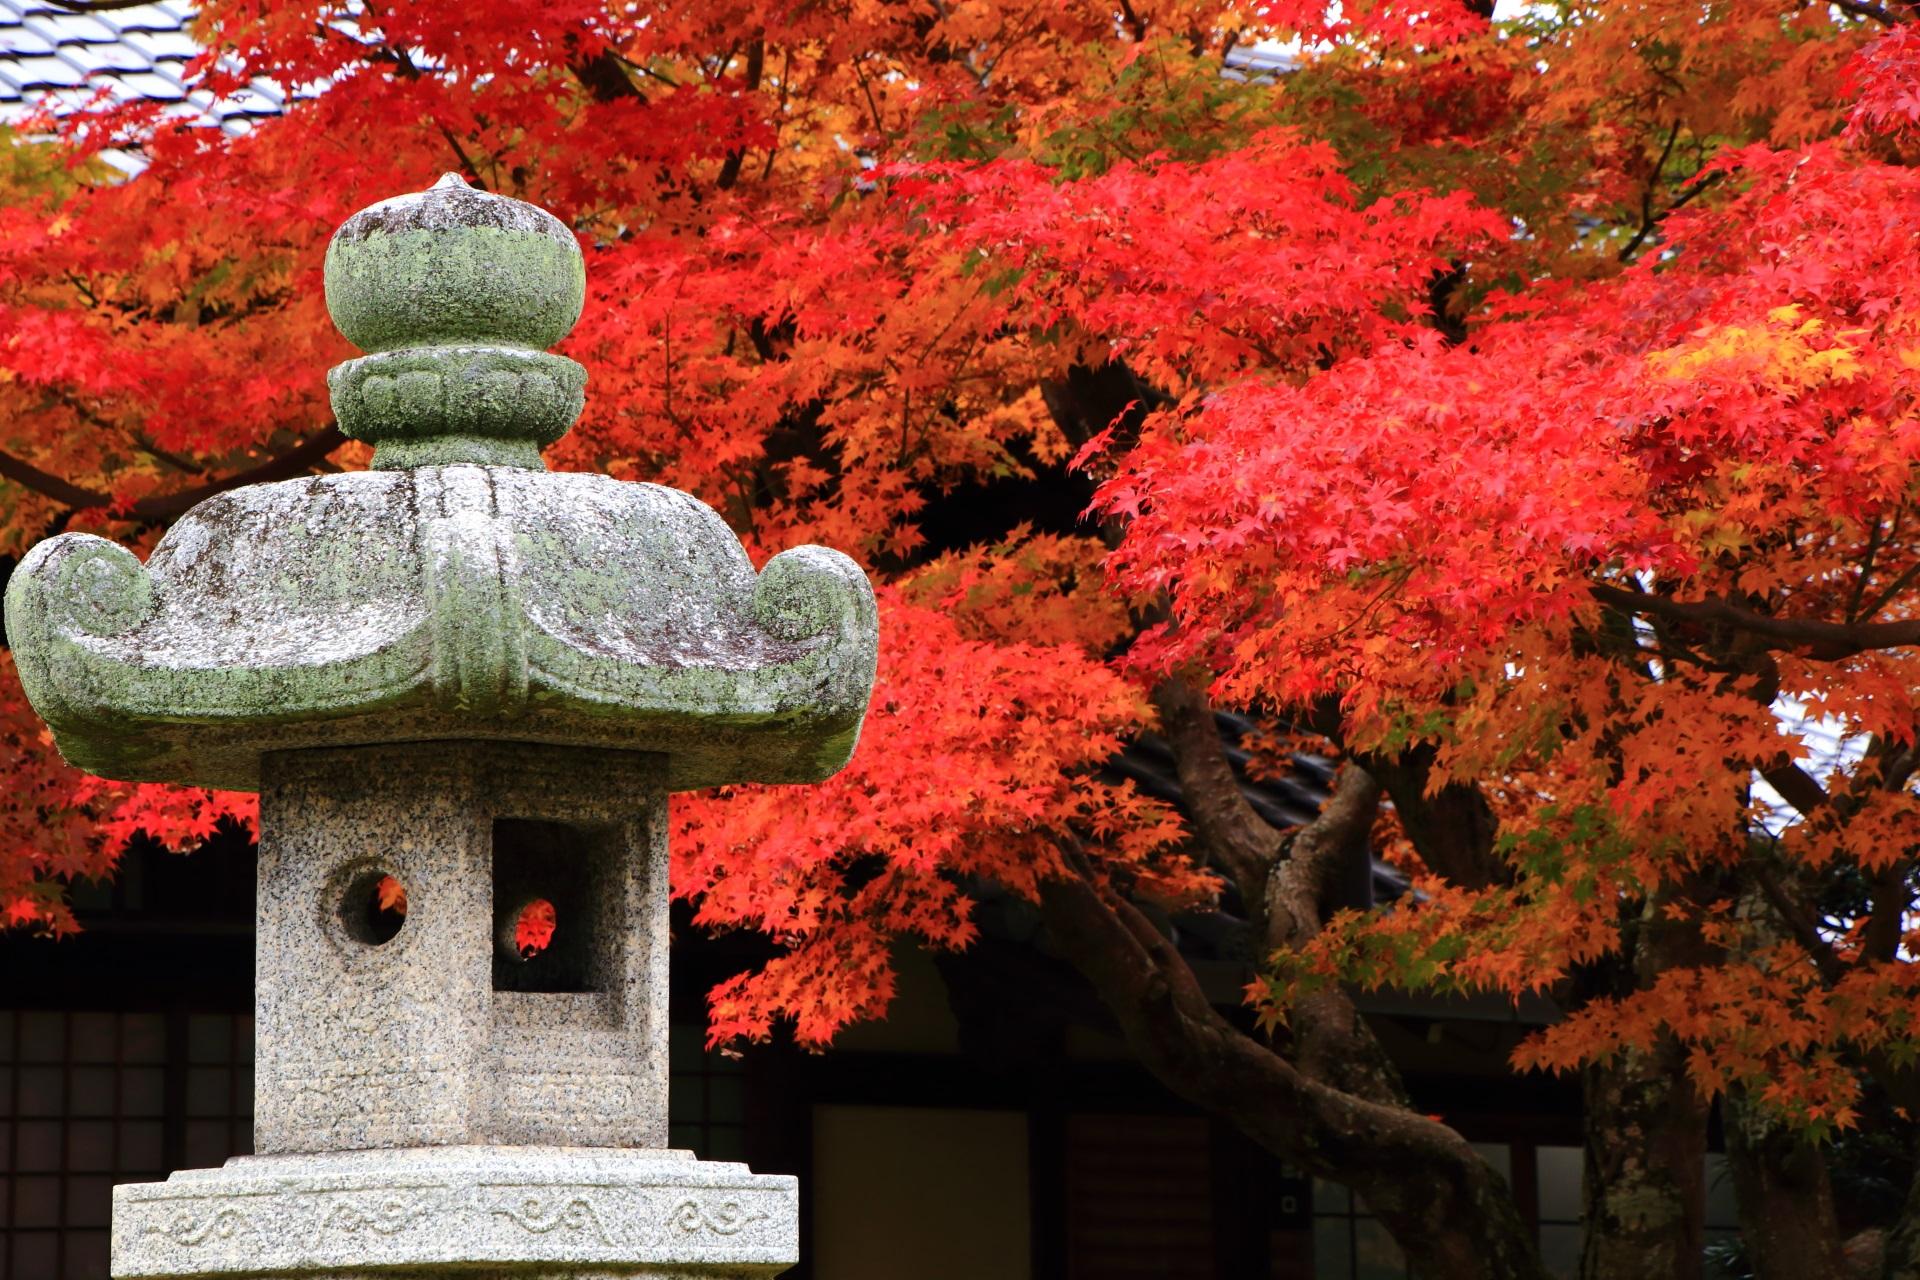 本堂前にある灯籠と紅葉